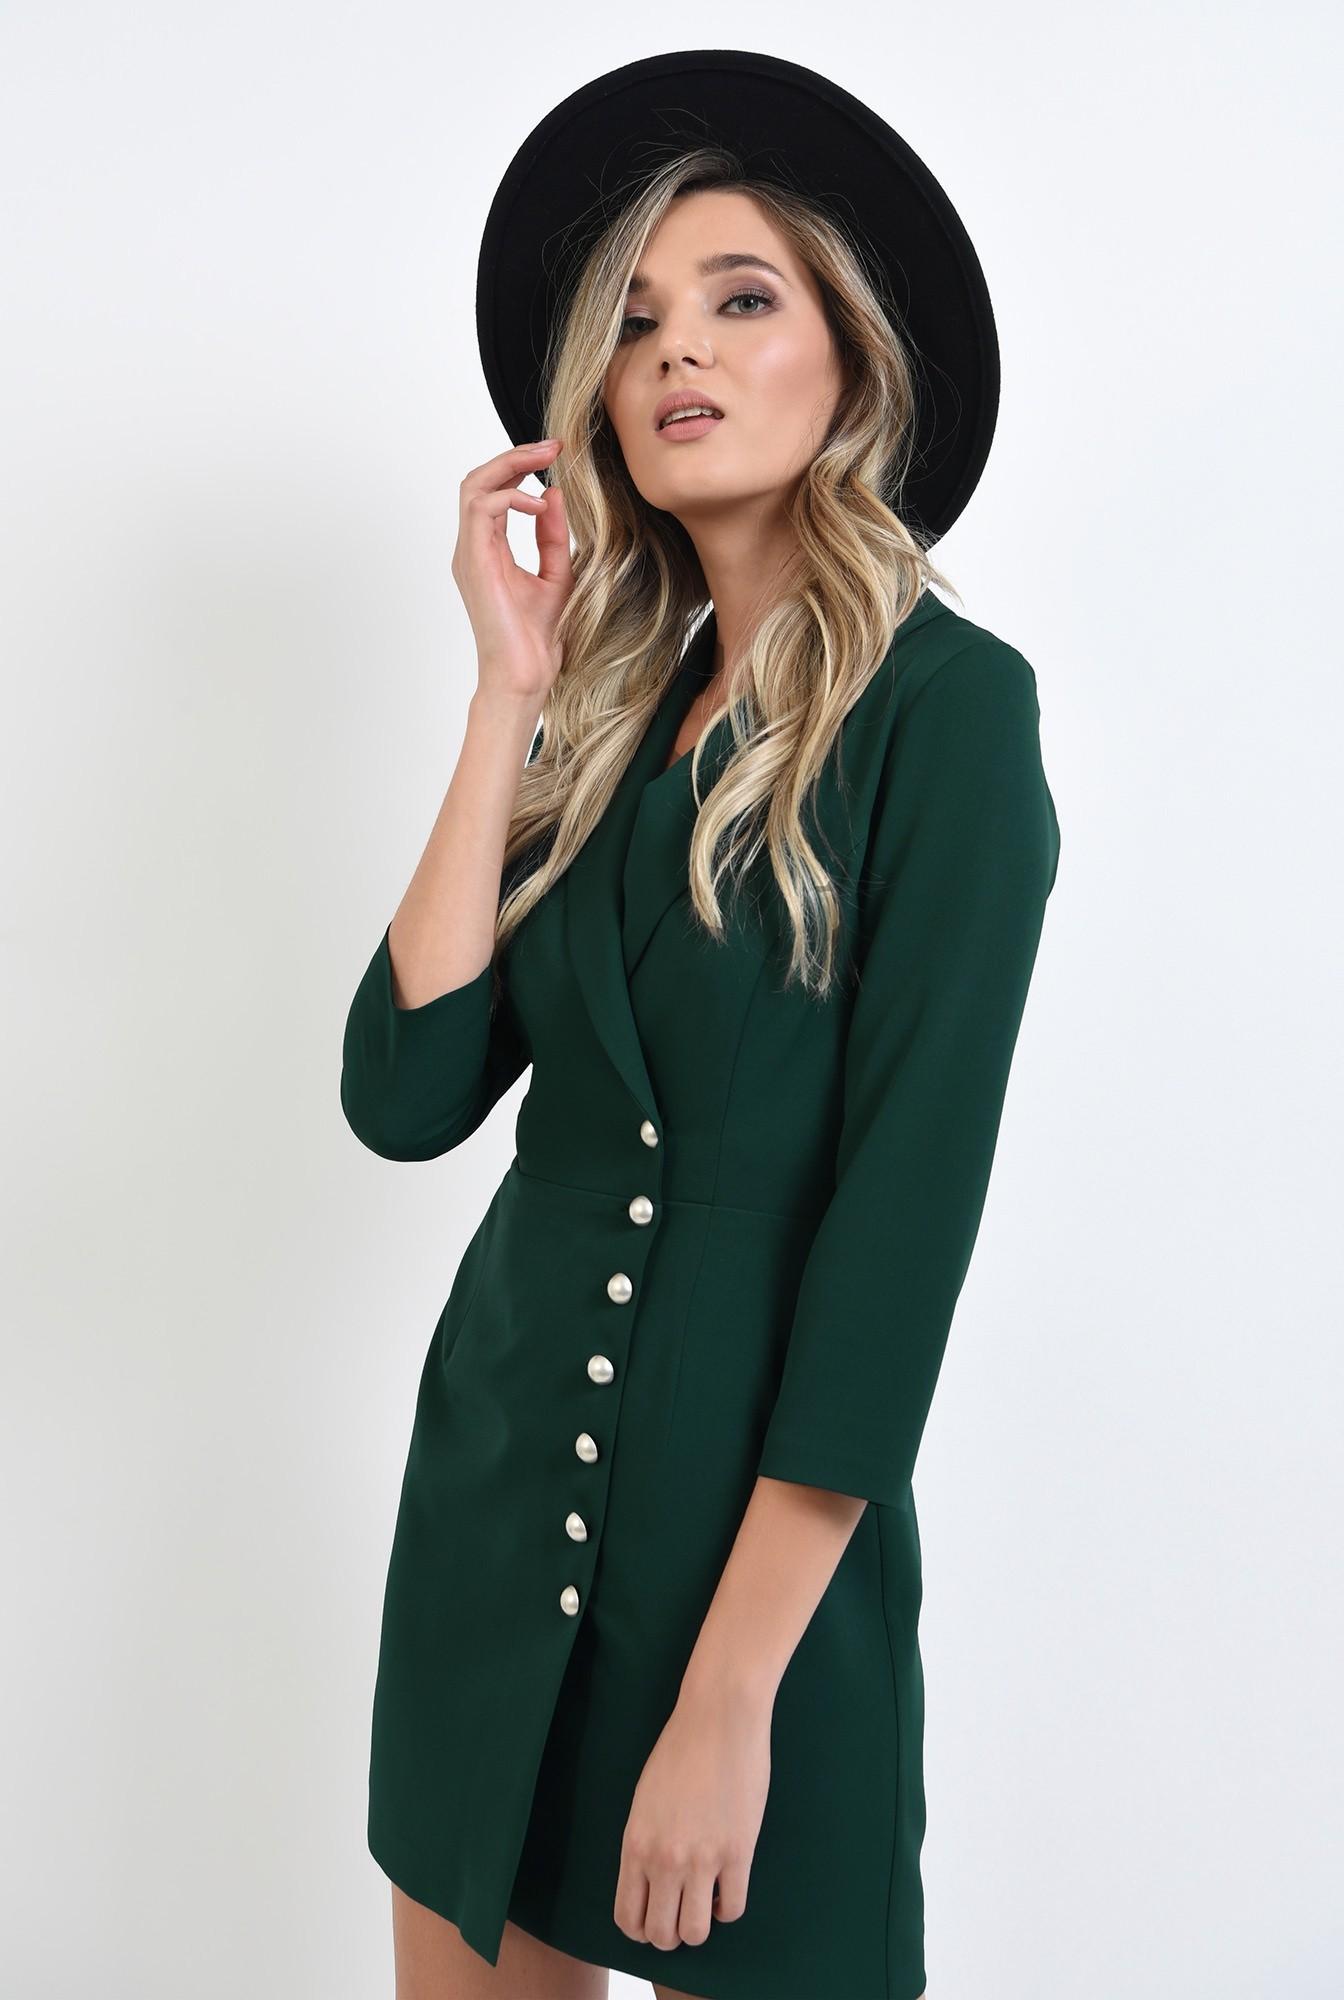 0 - 360 - rochie verde, scurta, tip sacou, cu maneca trei sferturi